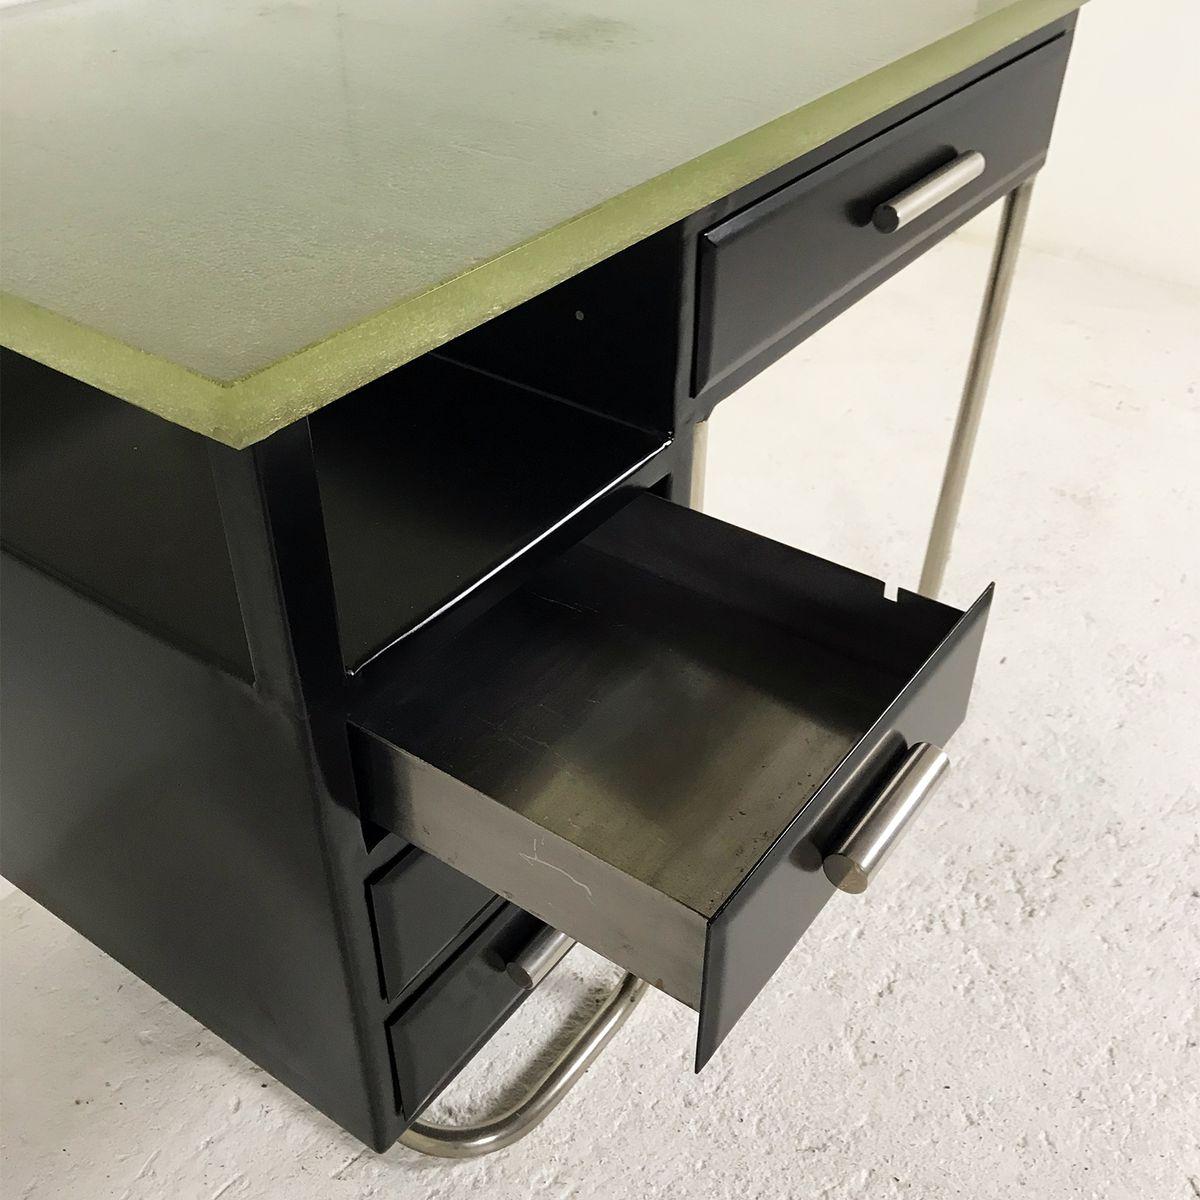 schreibtisch aus schwarz lackiertem metall mit dicker glasplatte 1930er bei pamono kaufen. Black Bedroom Furniture Sets. Home Design Ideas